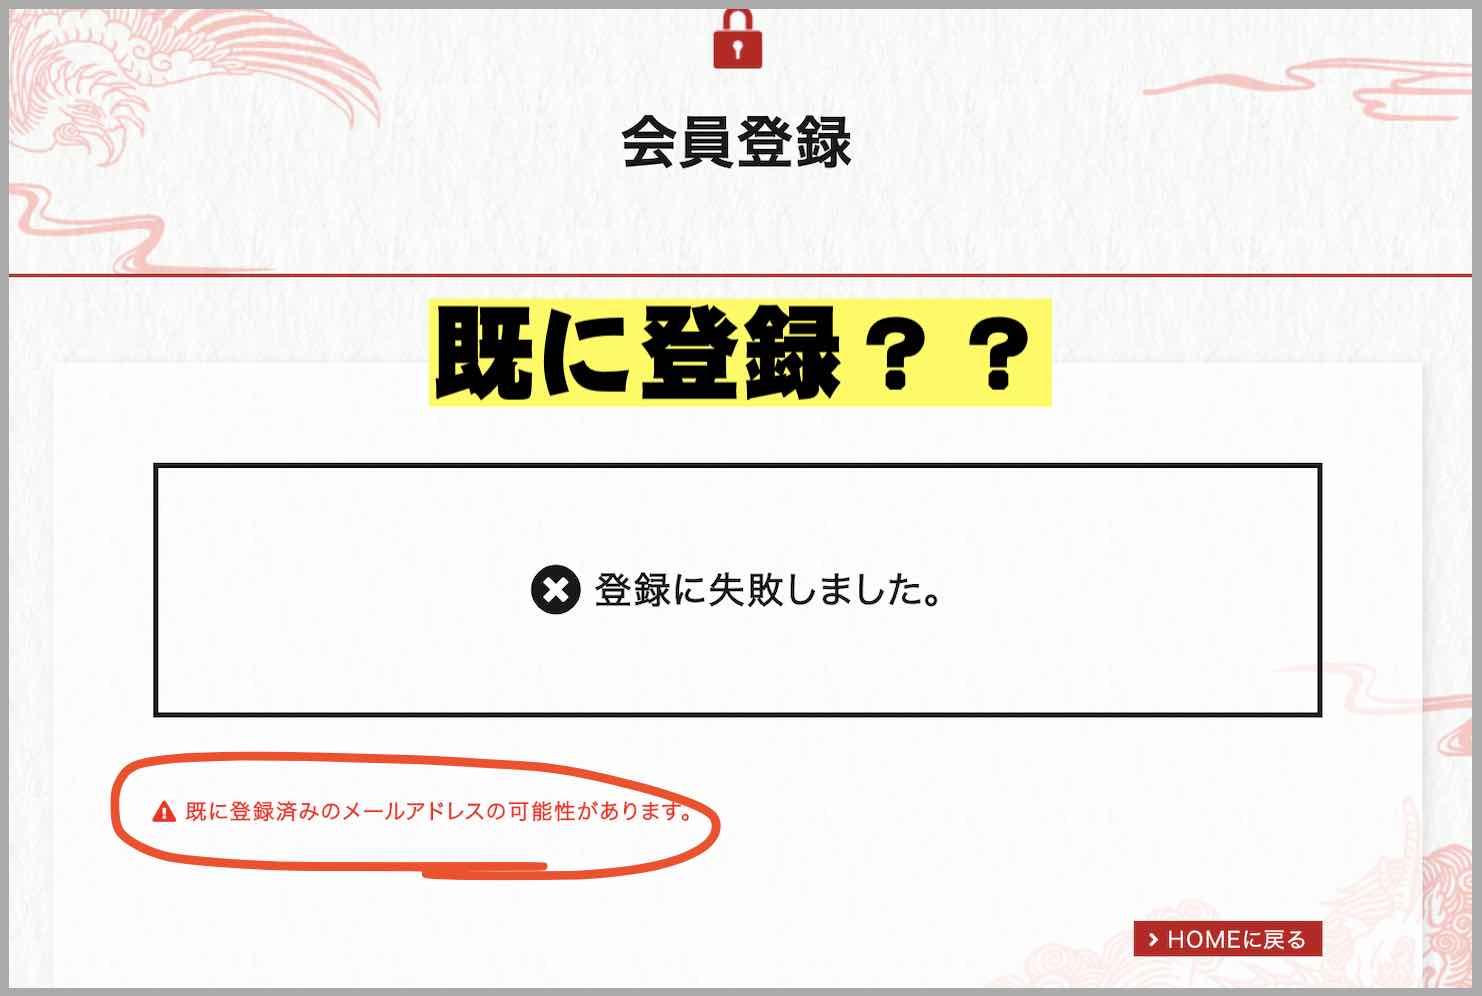 阿九亜屋という競馬予想サイトに登録できない